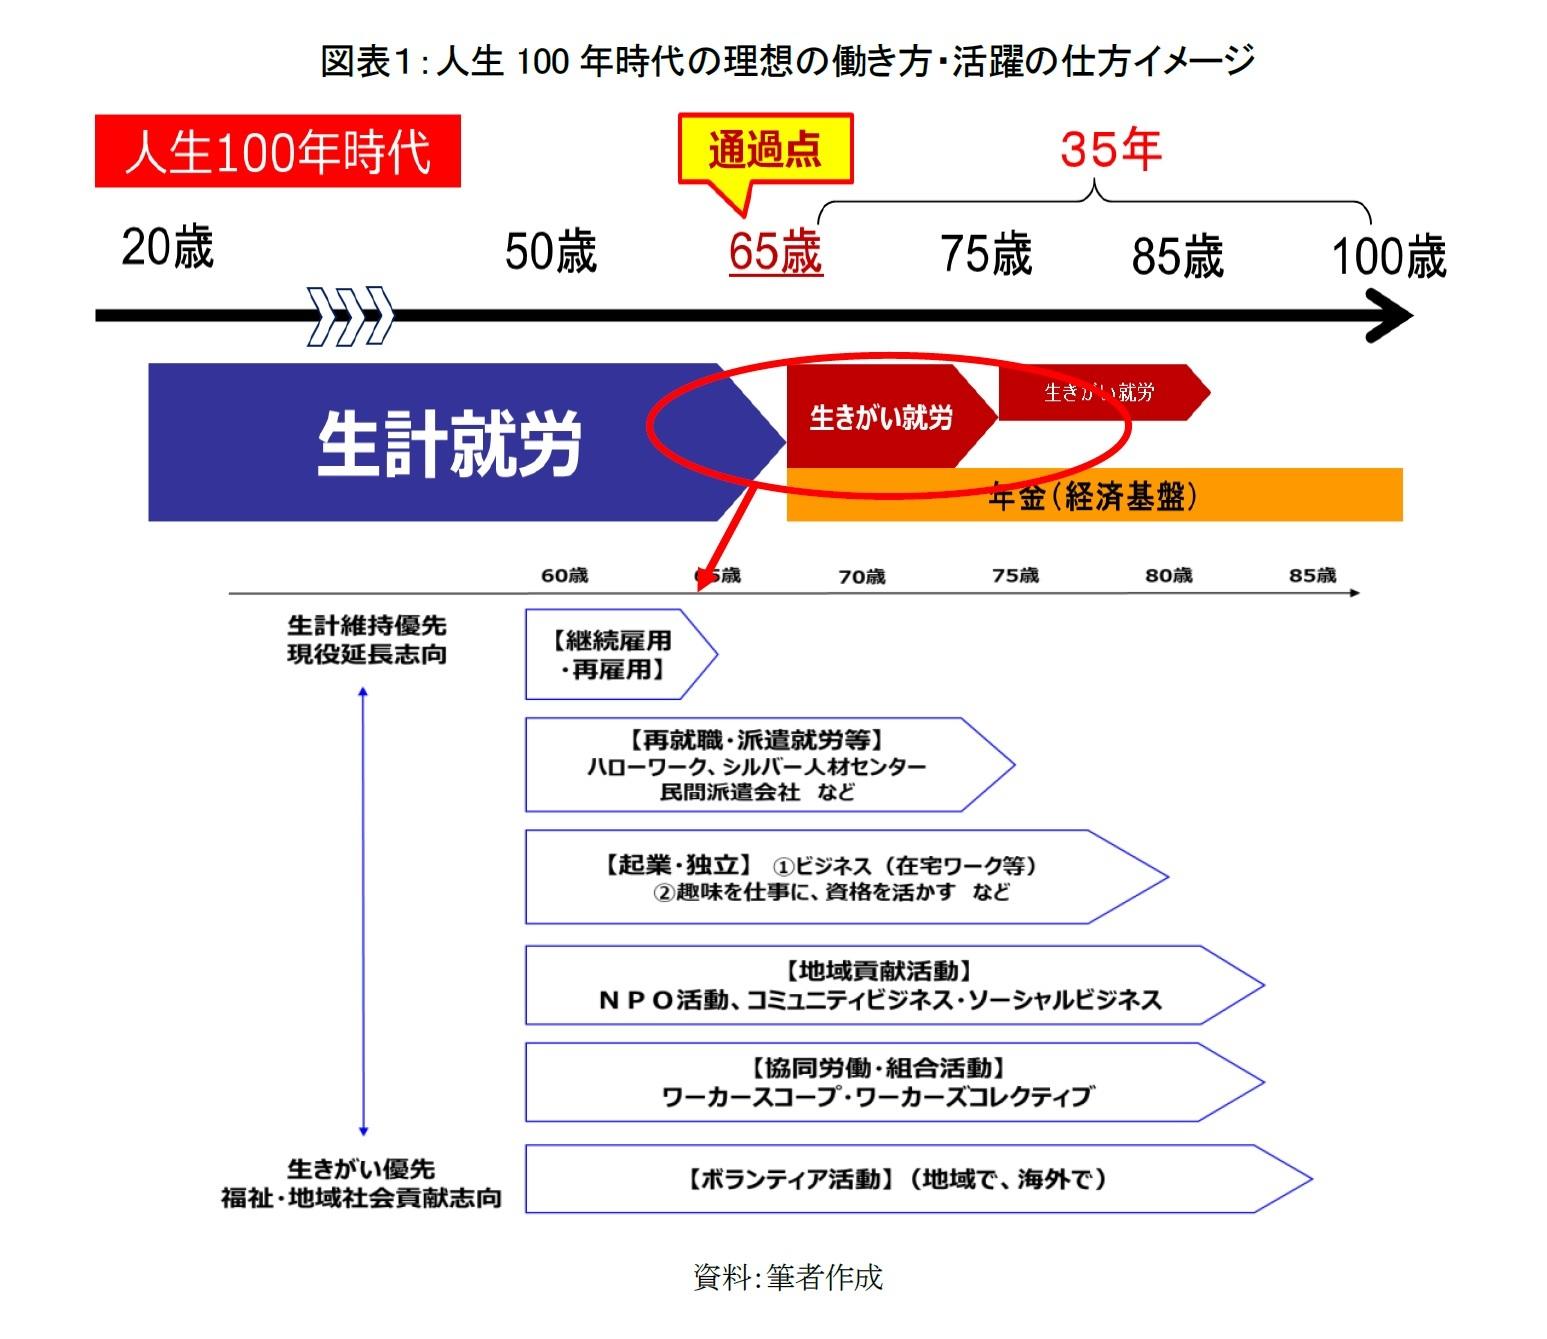 図表1:人生100年時代の理想の働き方・活躍の仕方イメージ